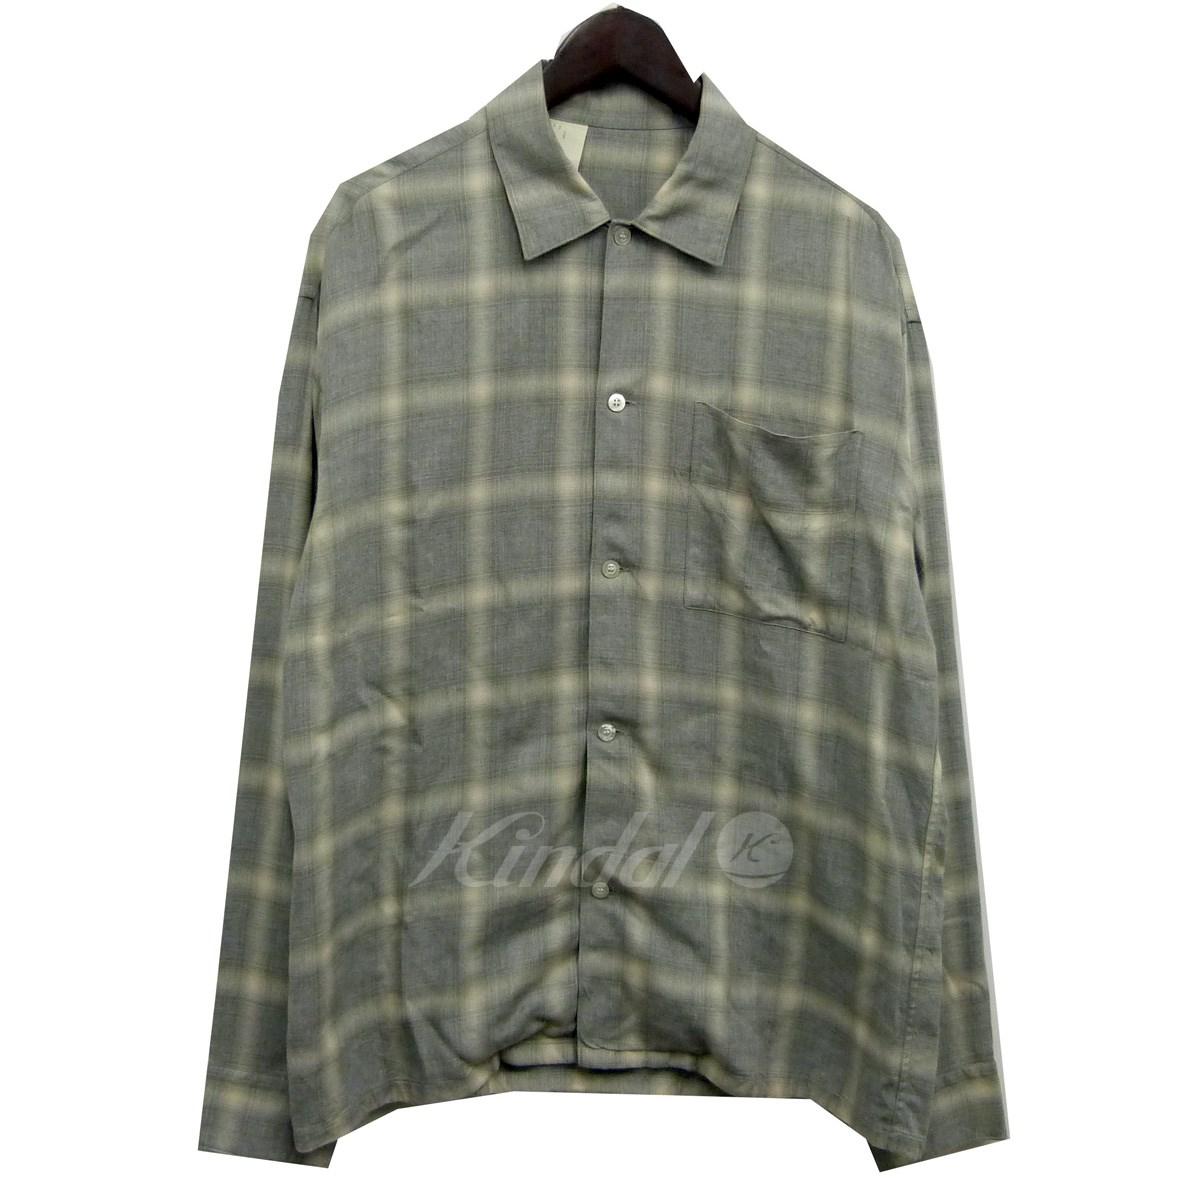 【中古】N.HOOLYWOOD 18SSオンブレチェックシャツ グレー×ベージュ サイズ:40 【送料無料】 【050718】(エヌハリウッド)